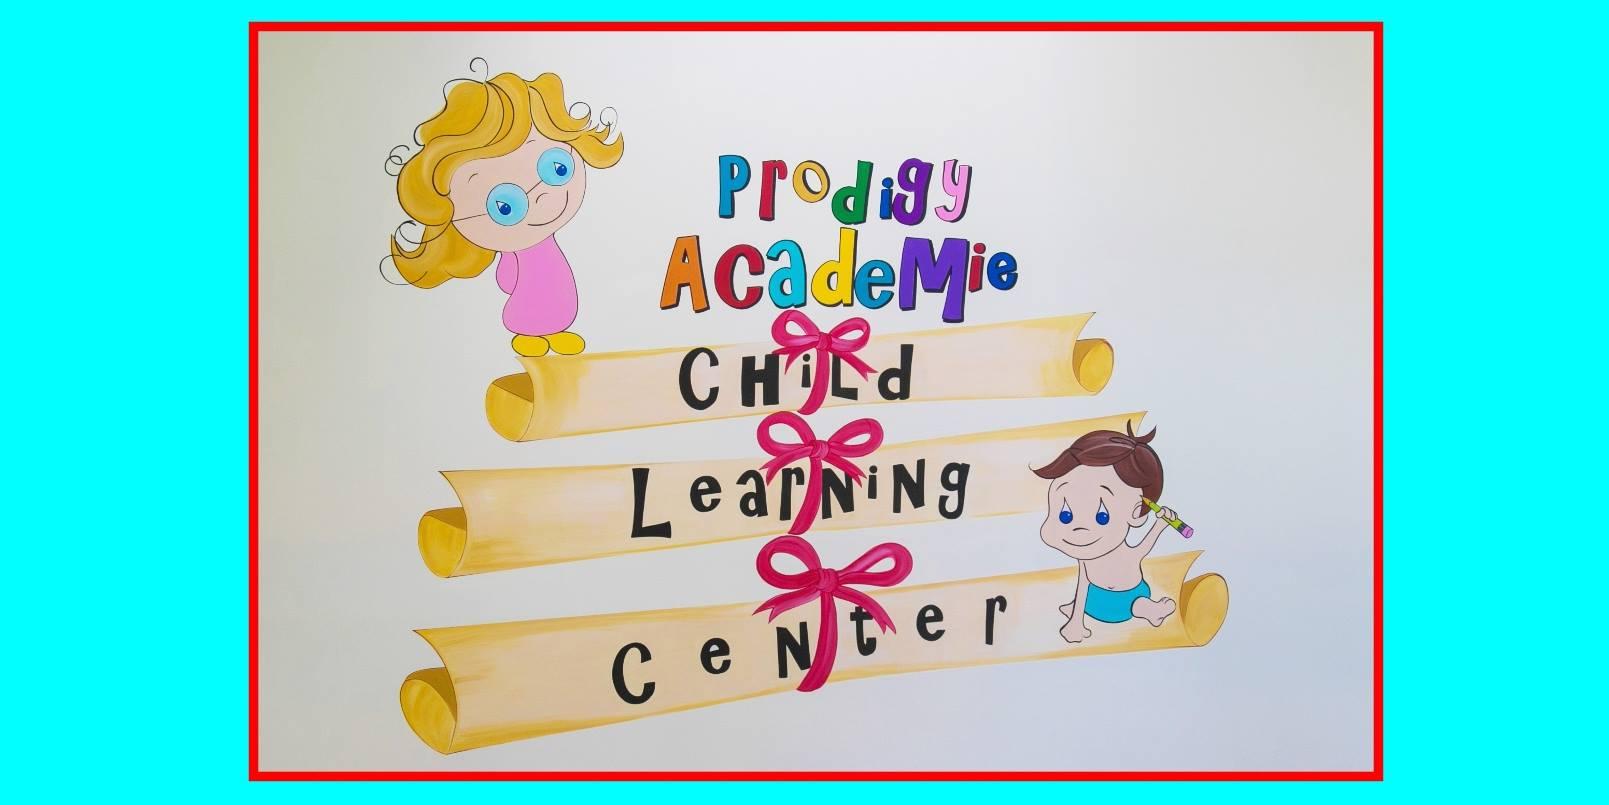 Prodigy Academie Child Learning Center